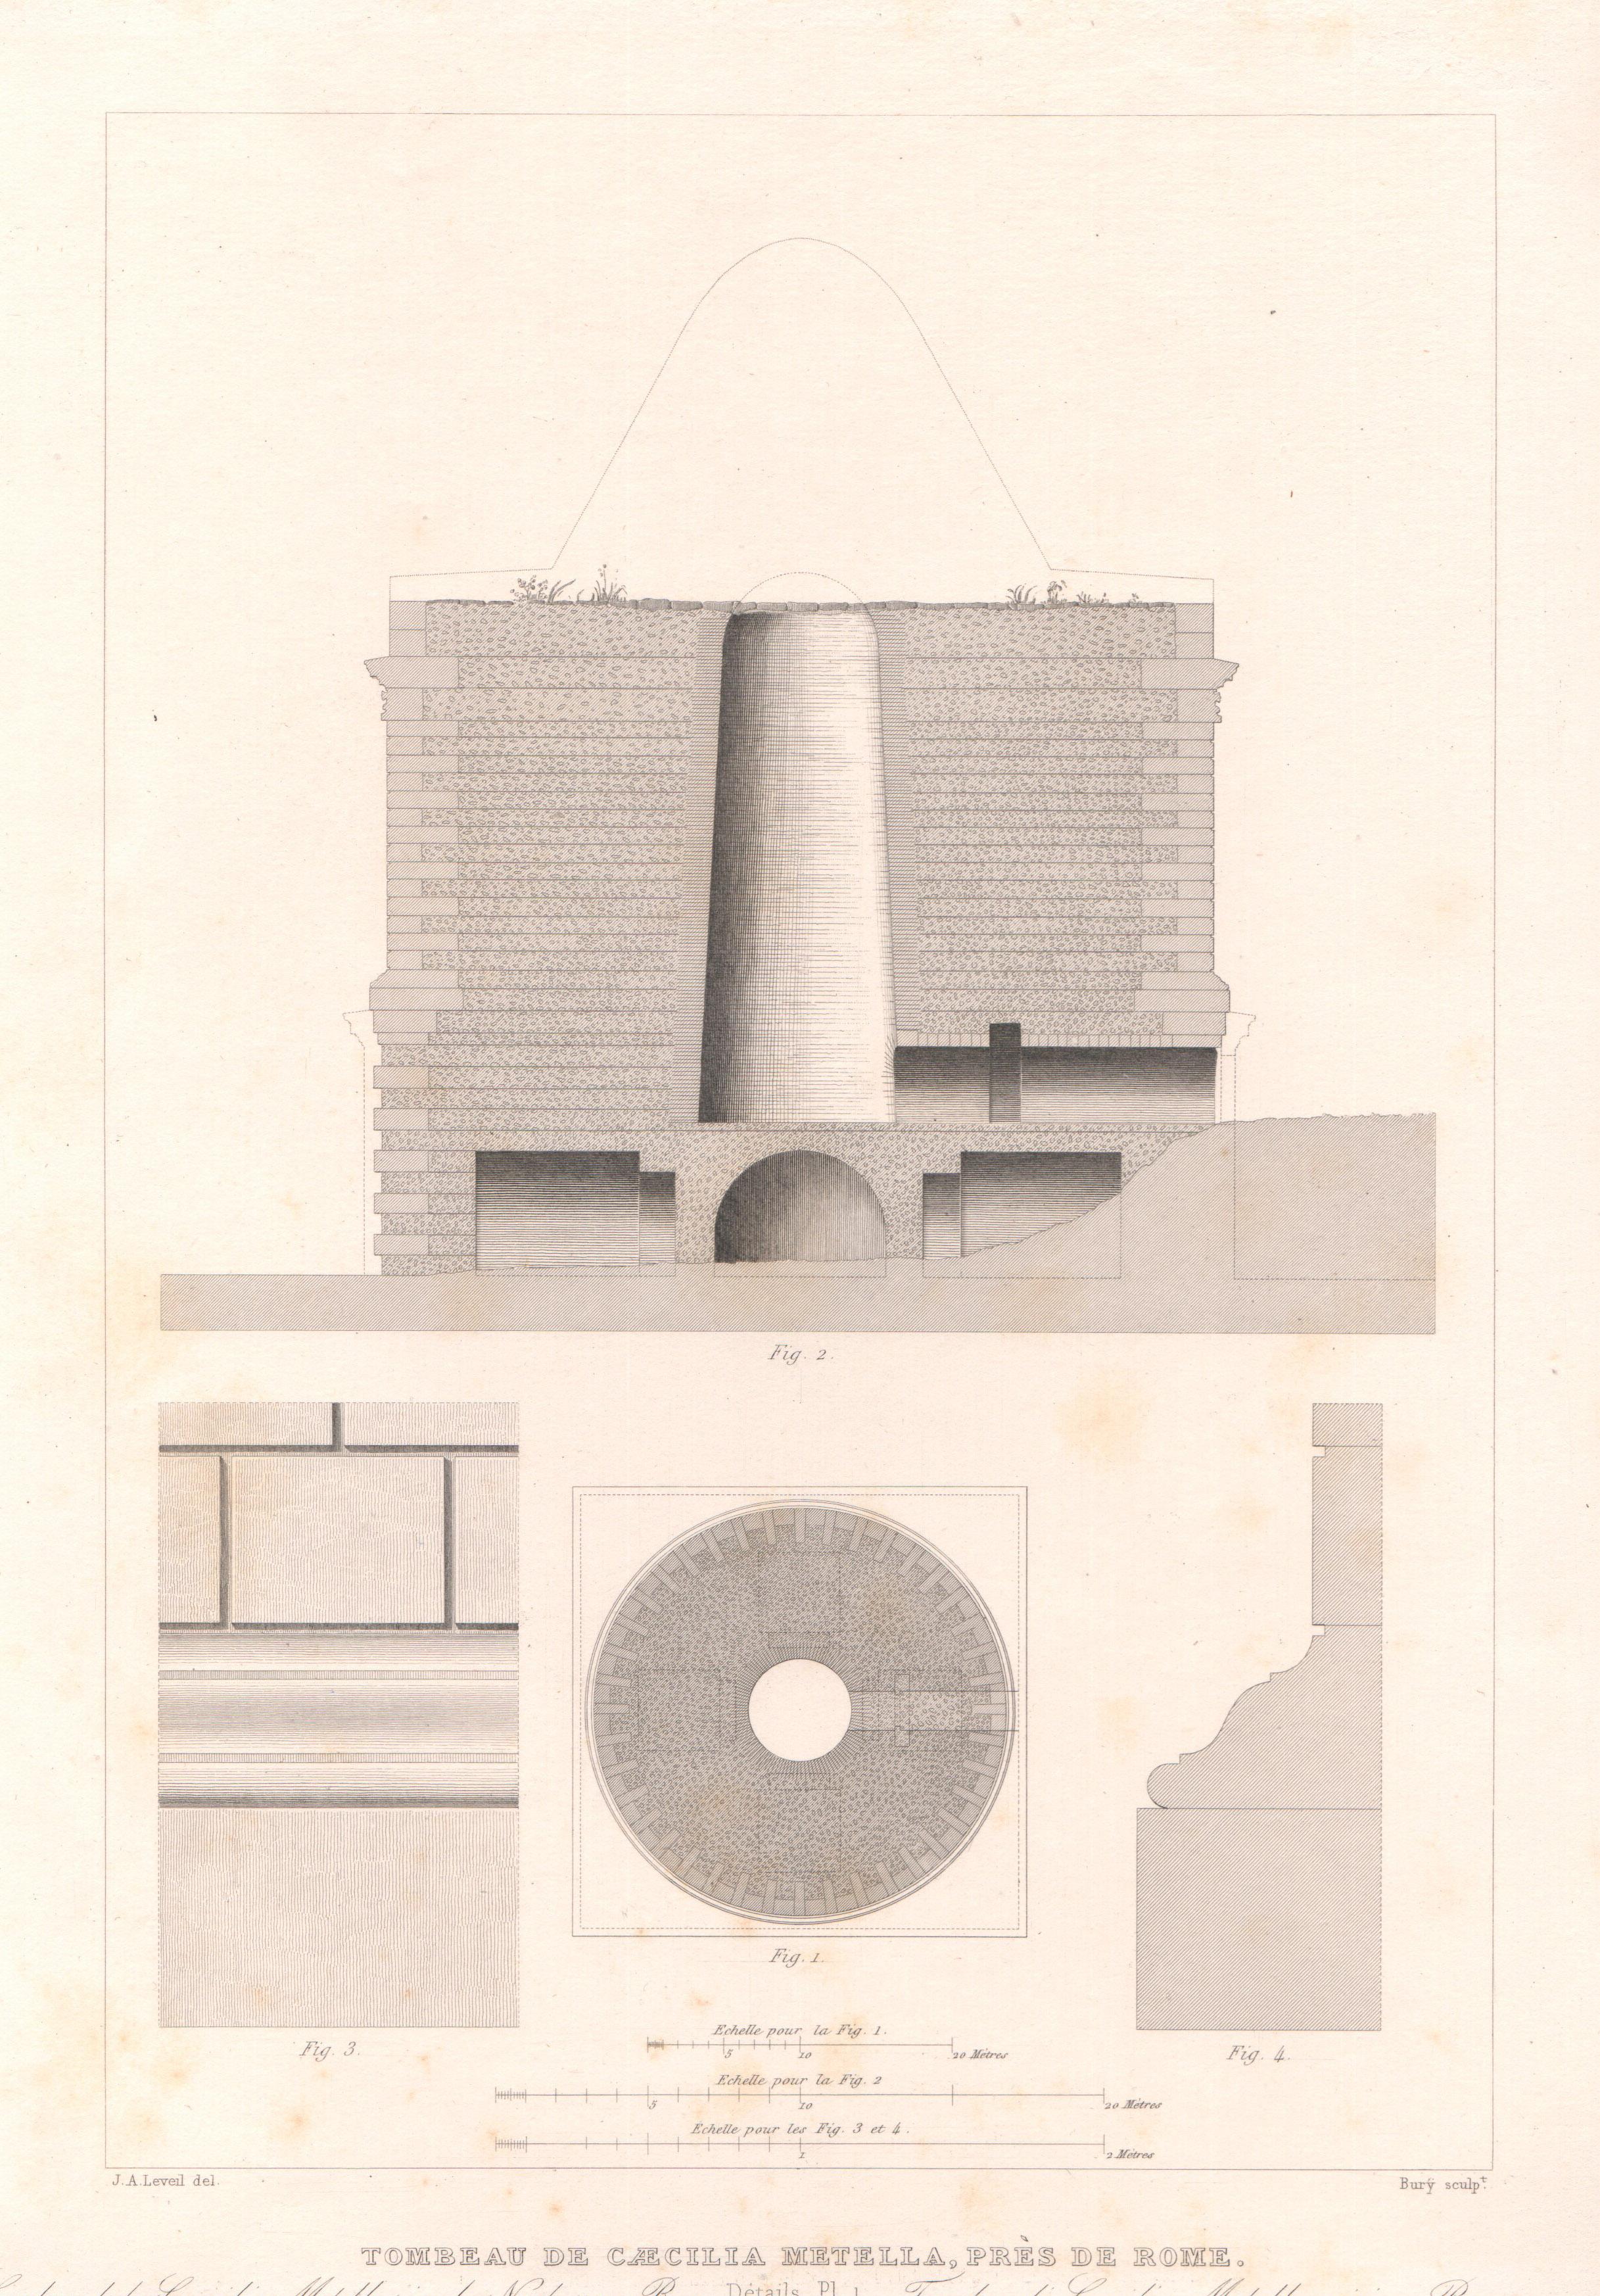 Italy - Antique Monuments - Roma - Caecilia Metela's Mausoleum - Castrum Caetani - Via Appia Antica - Details